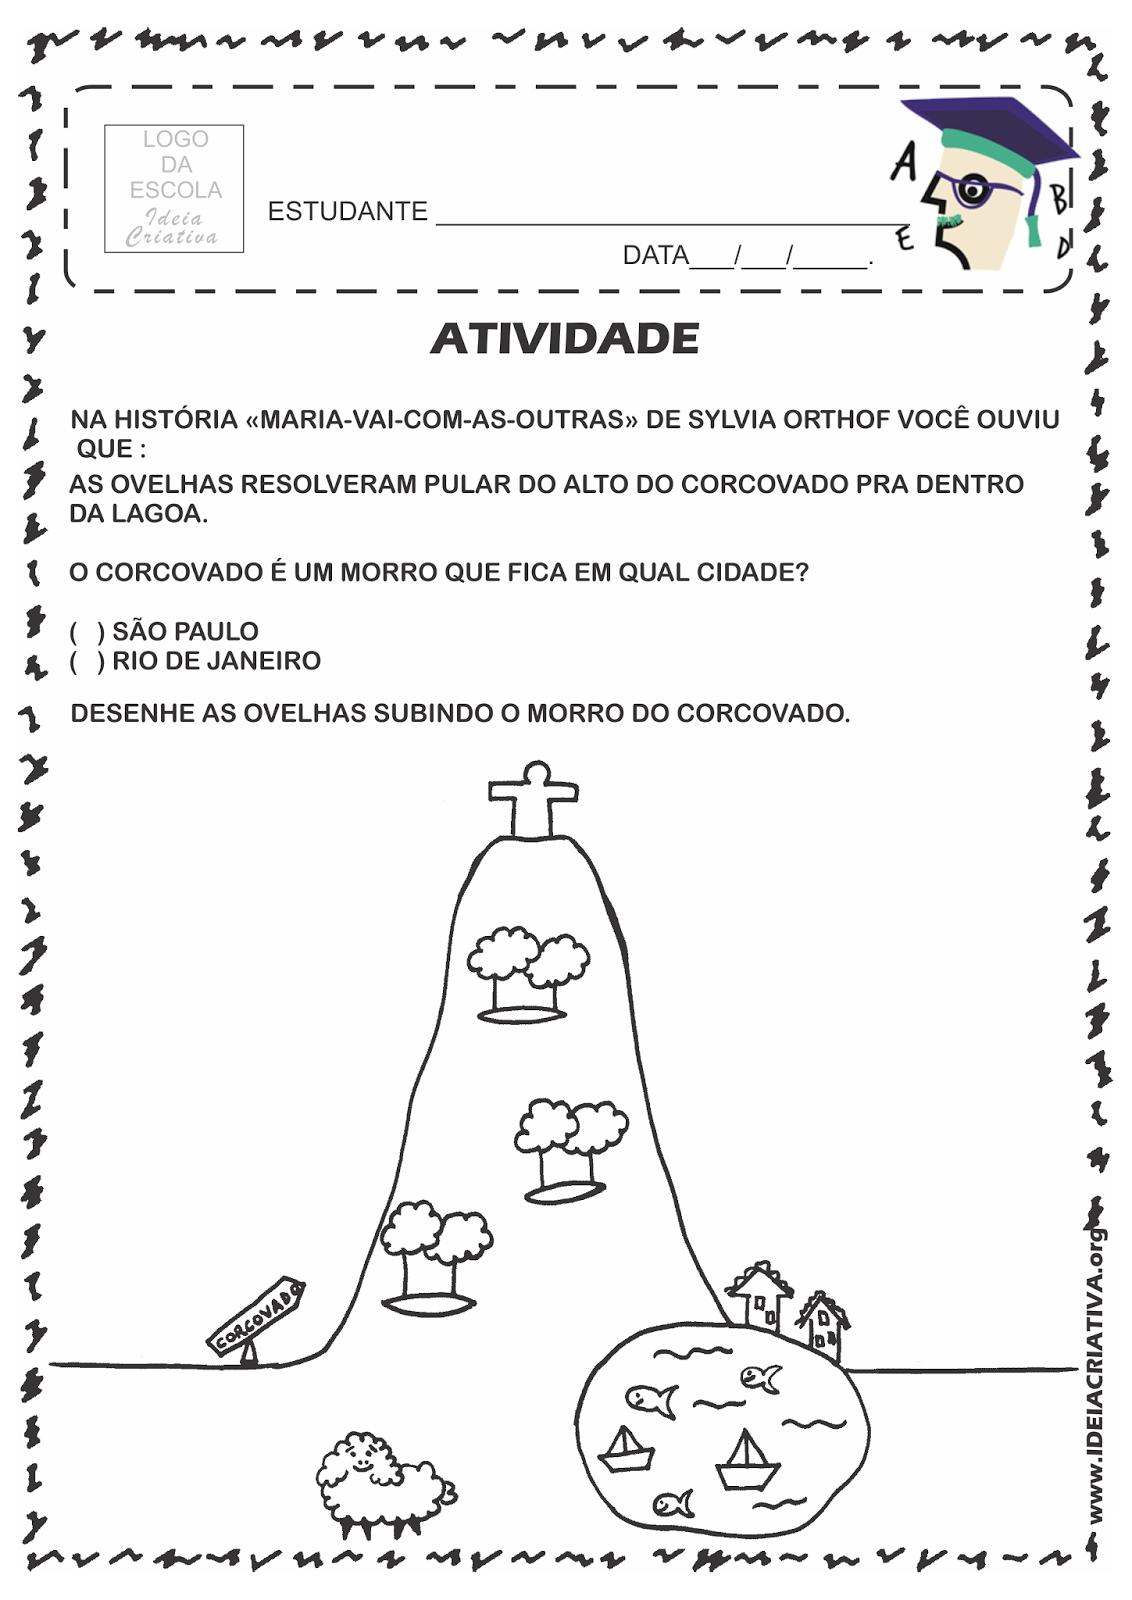 Atividade Rio 450 Anos Trabalho com trecho do livro Maria-vai-com-as-outras e ponto turístico do Rio de Janeiro